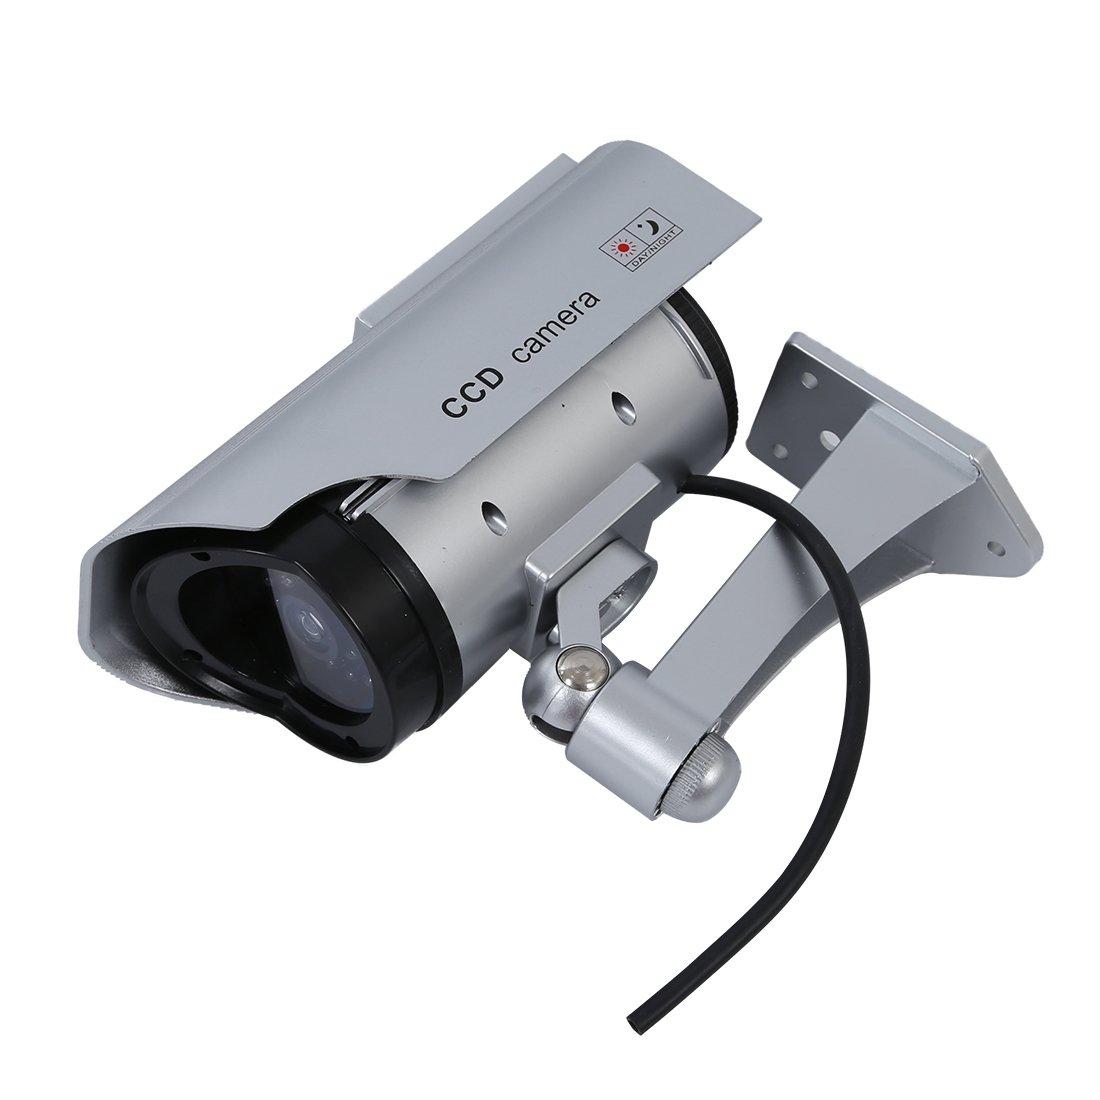 ソーラーダミーセキュリティカメラ – TOOGOO ( R )ソーラーダミーセキュリティカメラPowered LEDランプアウトドアCCDカメラCCTV IPカメラシルバーの家ショップ( 4パック)シルバー B019RLQKGA